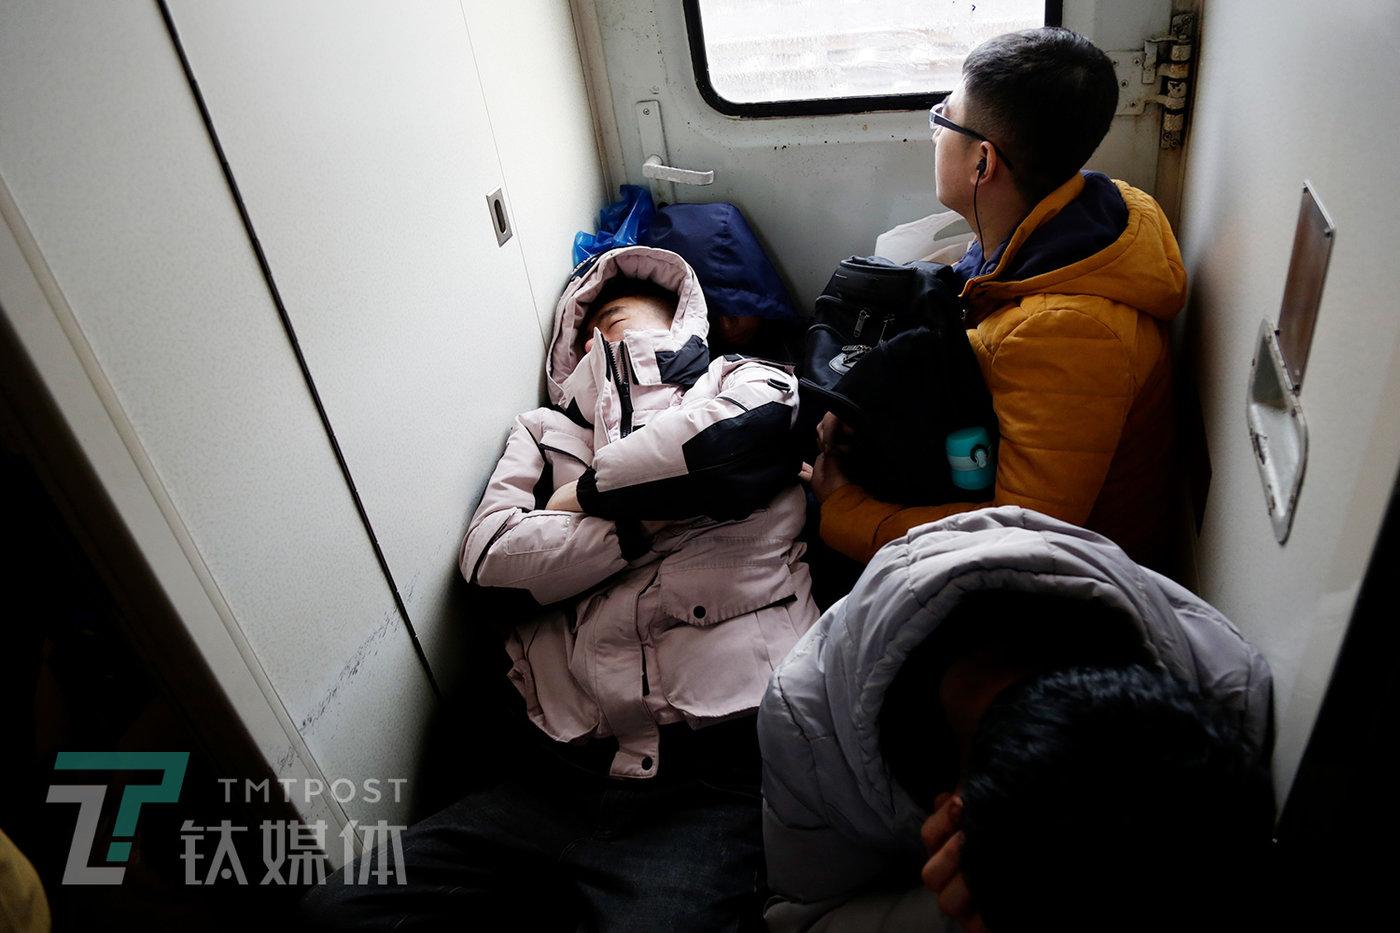 """列车车门边,4名乘客以分别姿势在休休。其中别名背部贴在车门上睡眠的乘客,成了另别名乘客的""""枕头""""。"""